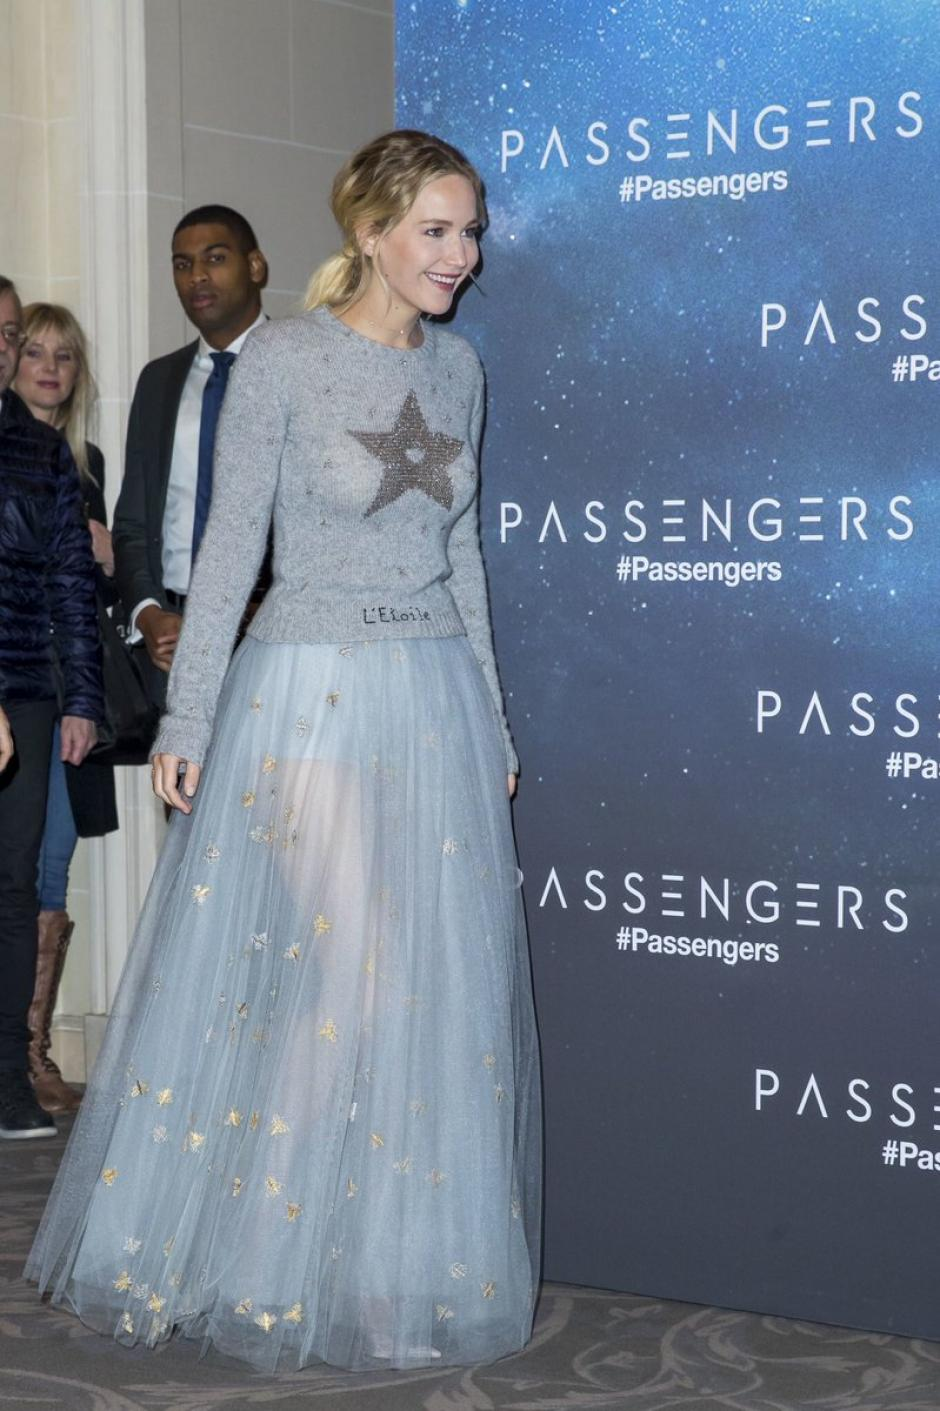 Con este atuendo llegó Jennifer Lawrence a la alfombra roja. (Foto: Twitter)